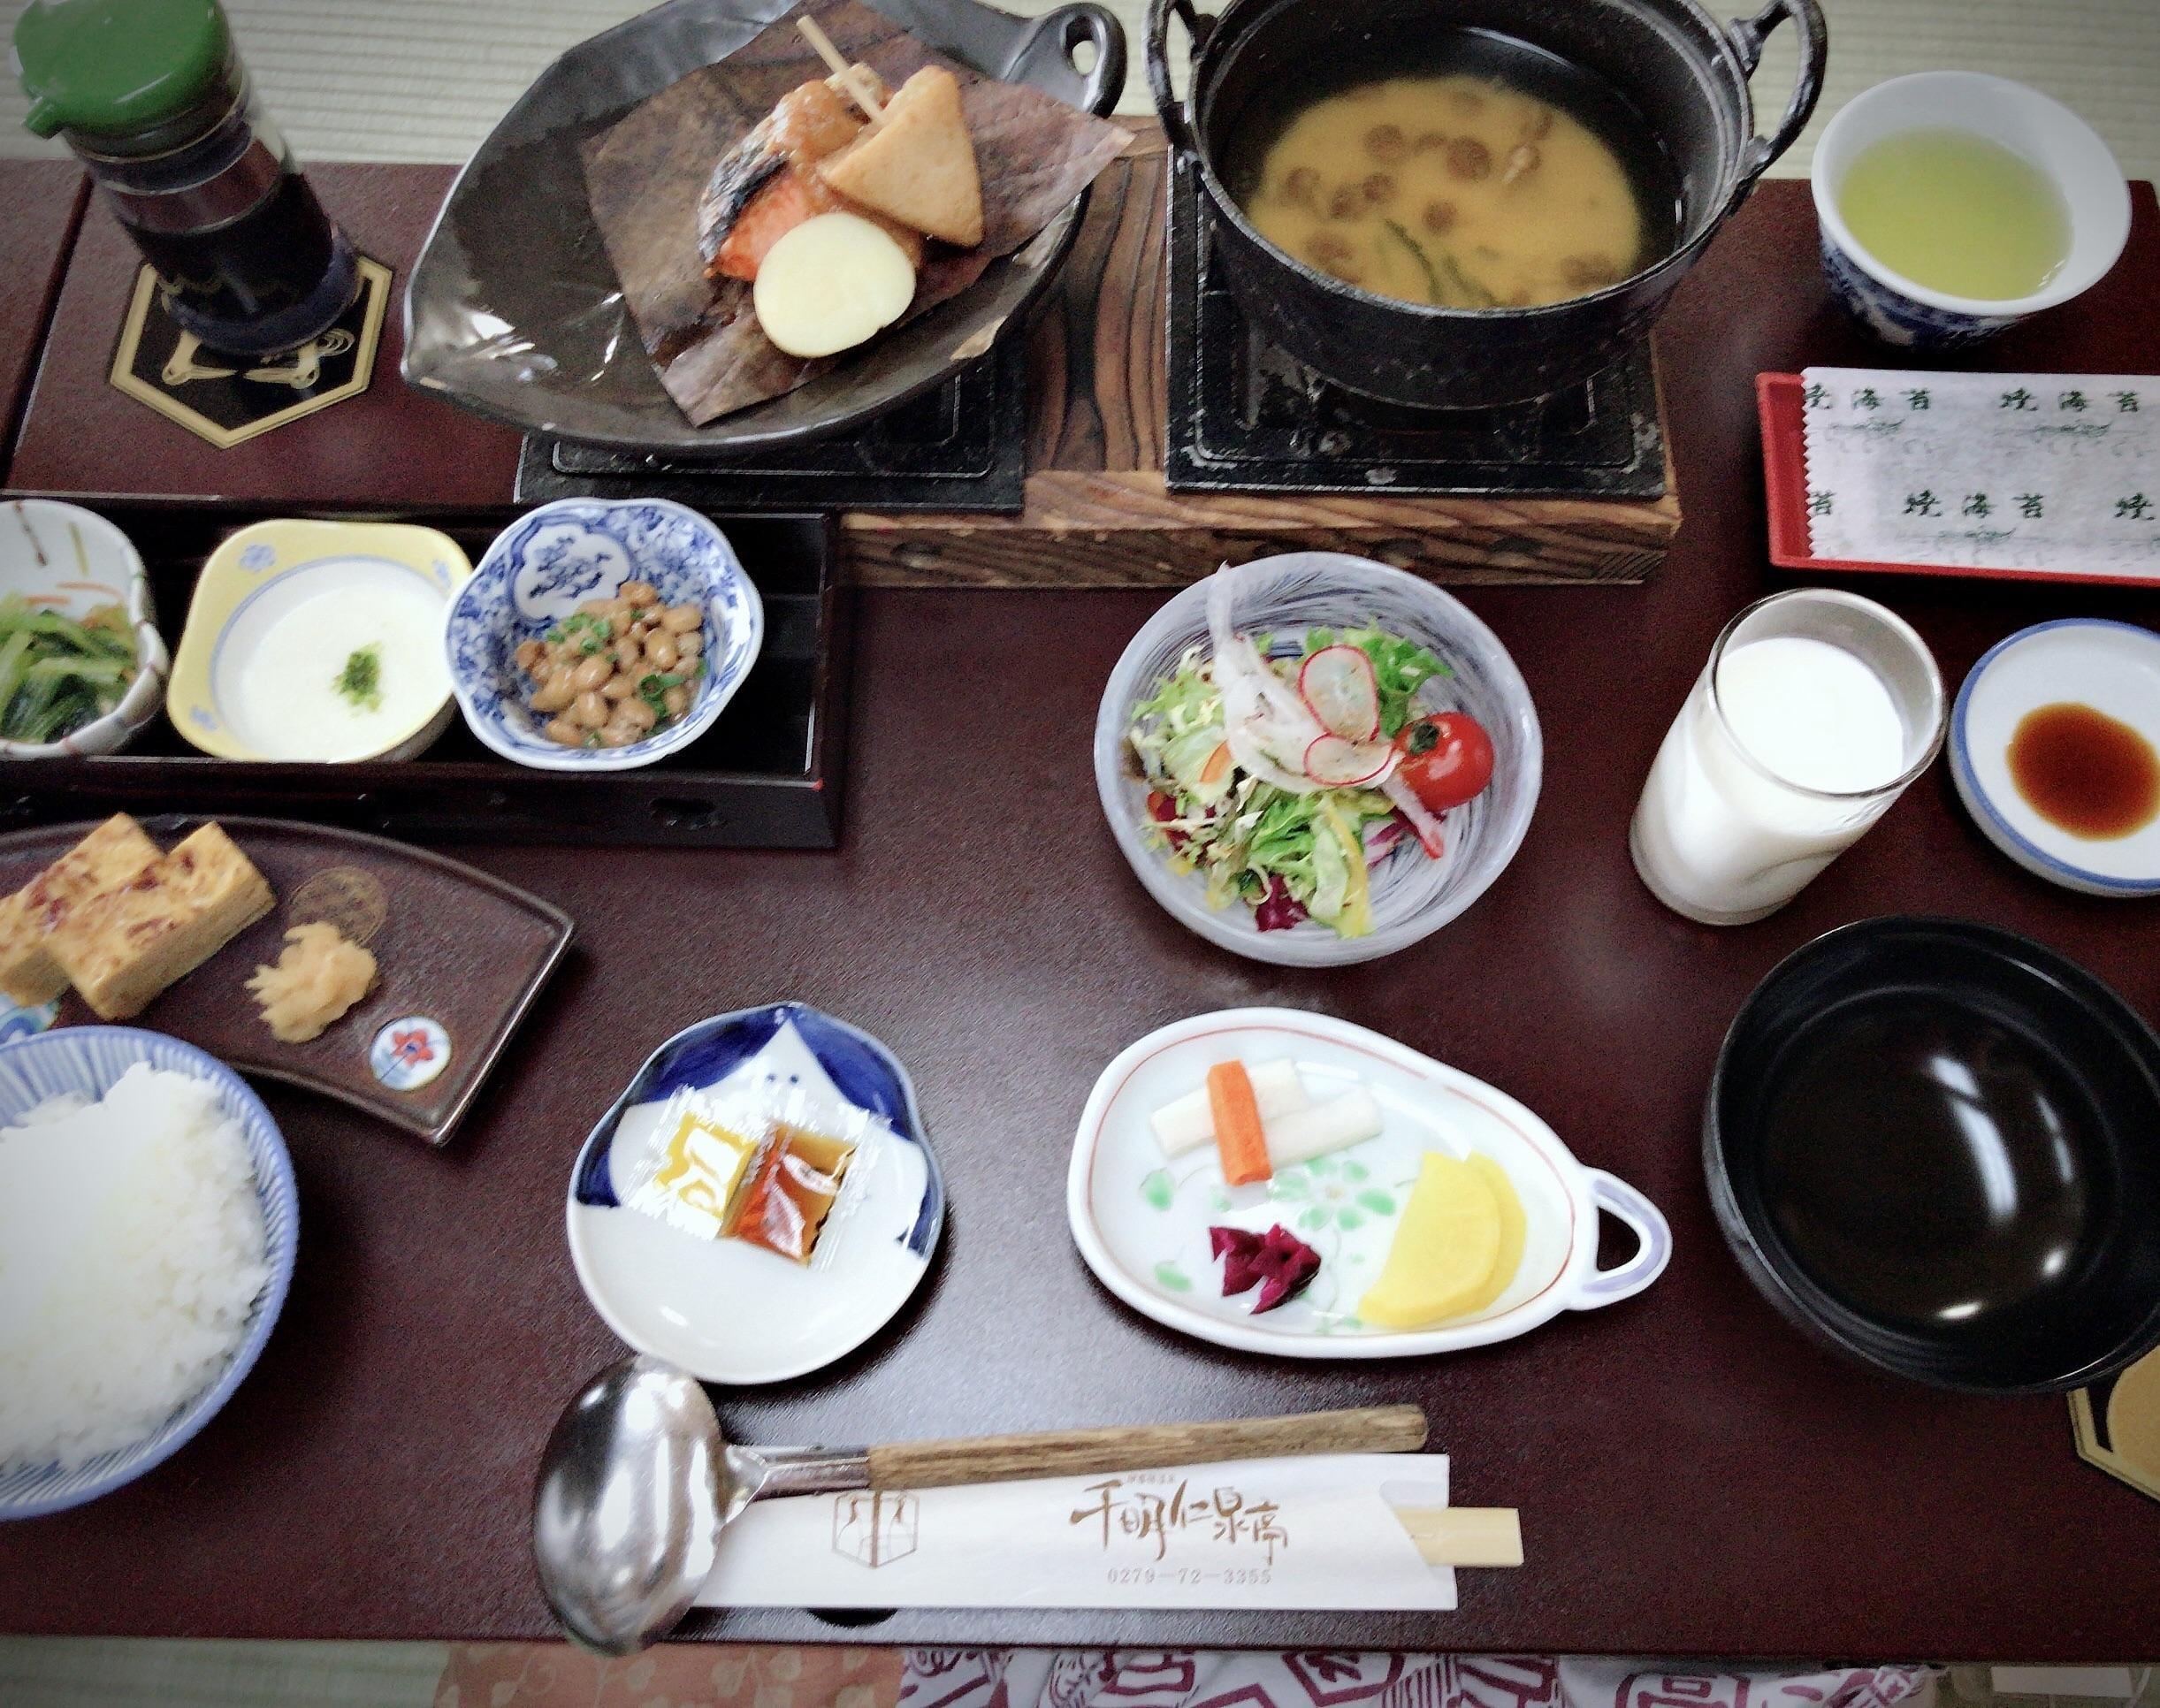 「おはようございます♪」05/25(金) 07:28 | 純愛【ピュア】の写メ・風俗動画